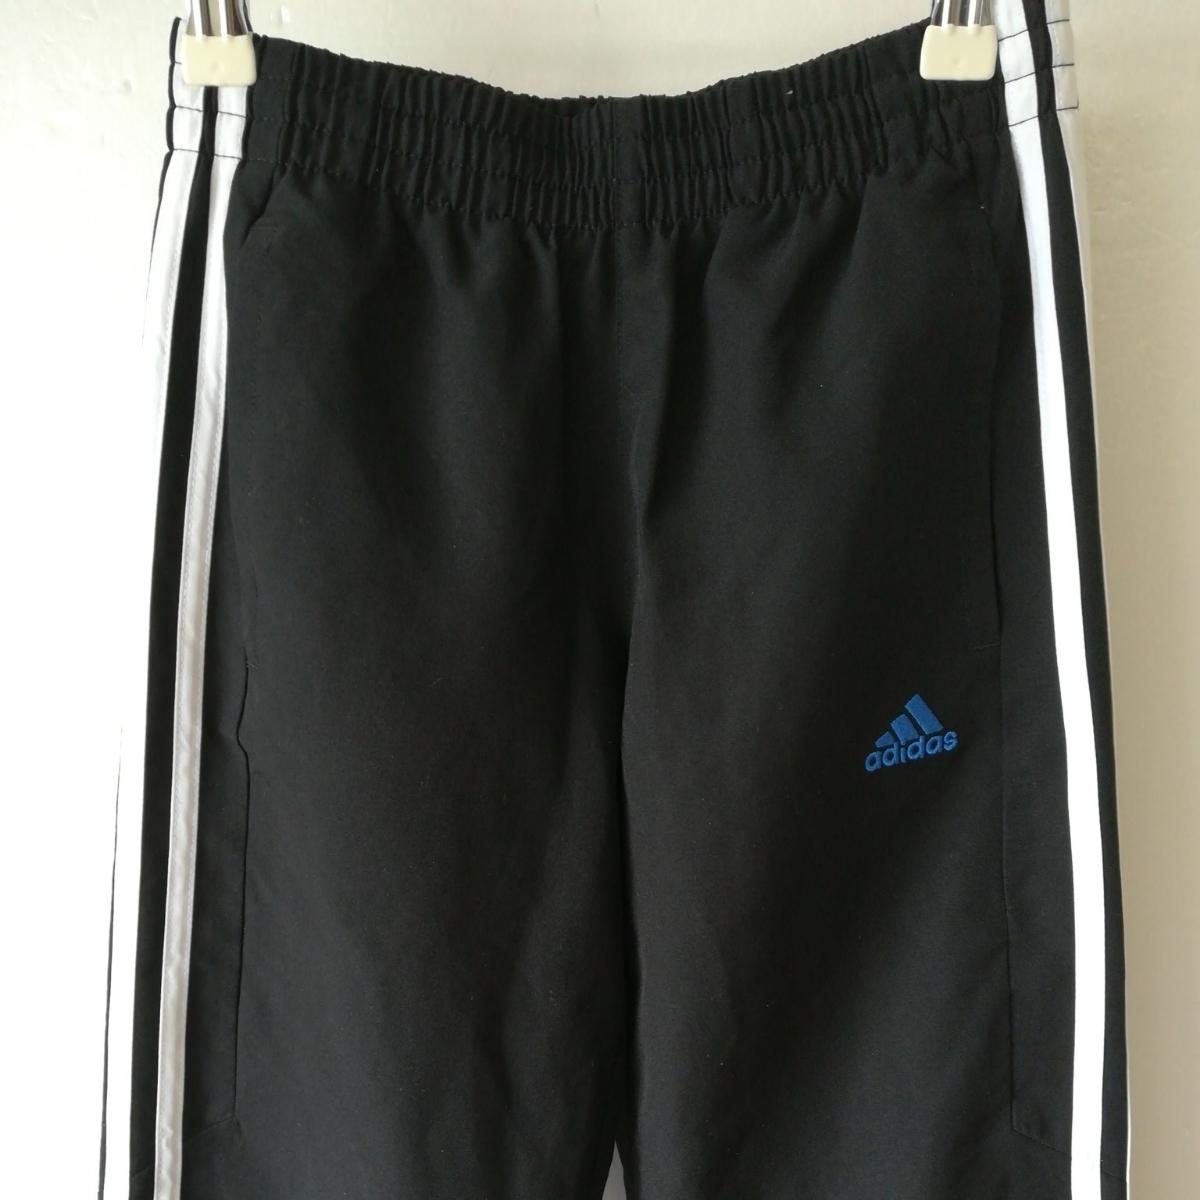 【一円】adidas アディダス ジャージ上着+スポーツウェアパンツ キッズ140/130サイズ 子供用_画像6